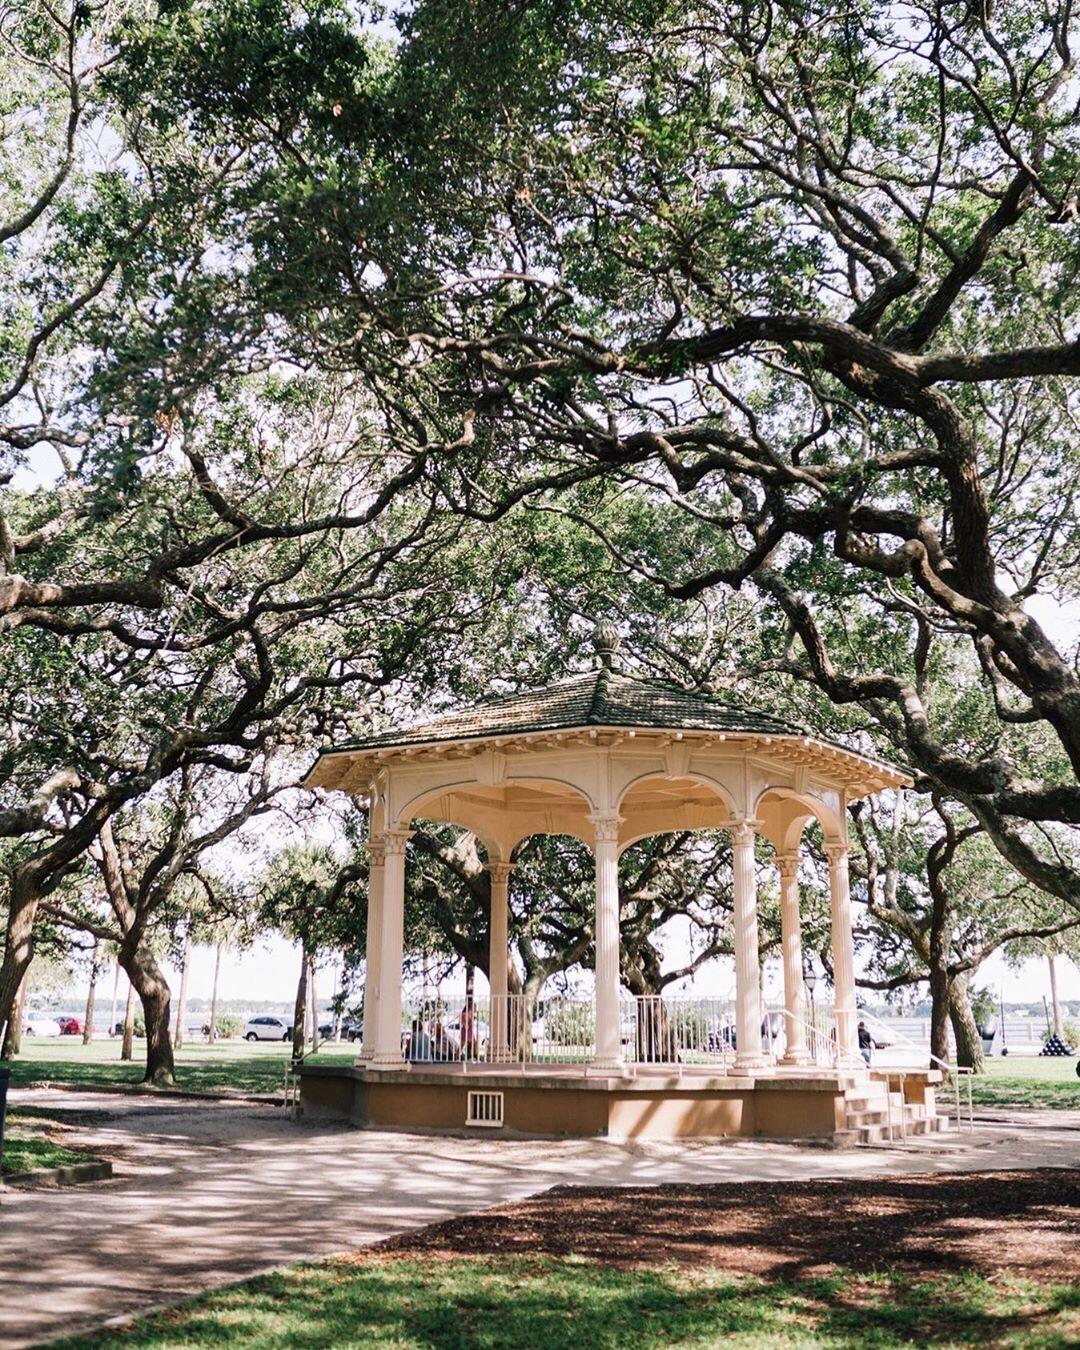 a60341eb0febcd39a0e642ff0de32f1e - White Point Gardens In Charleston Sc